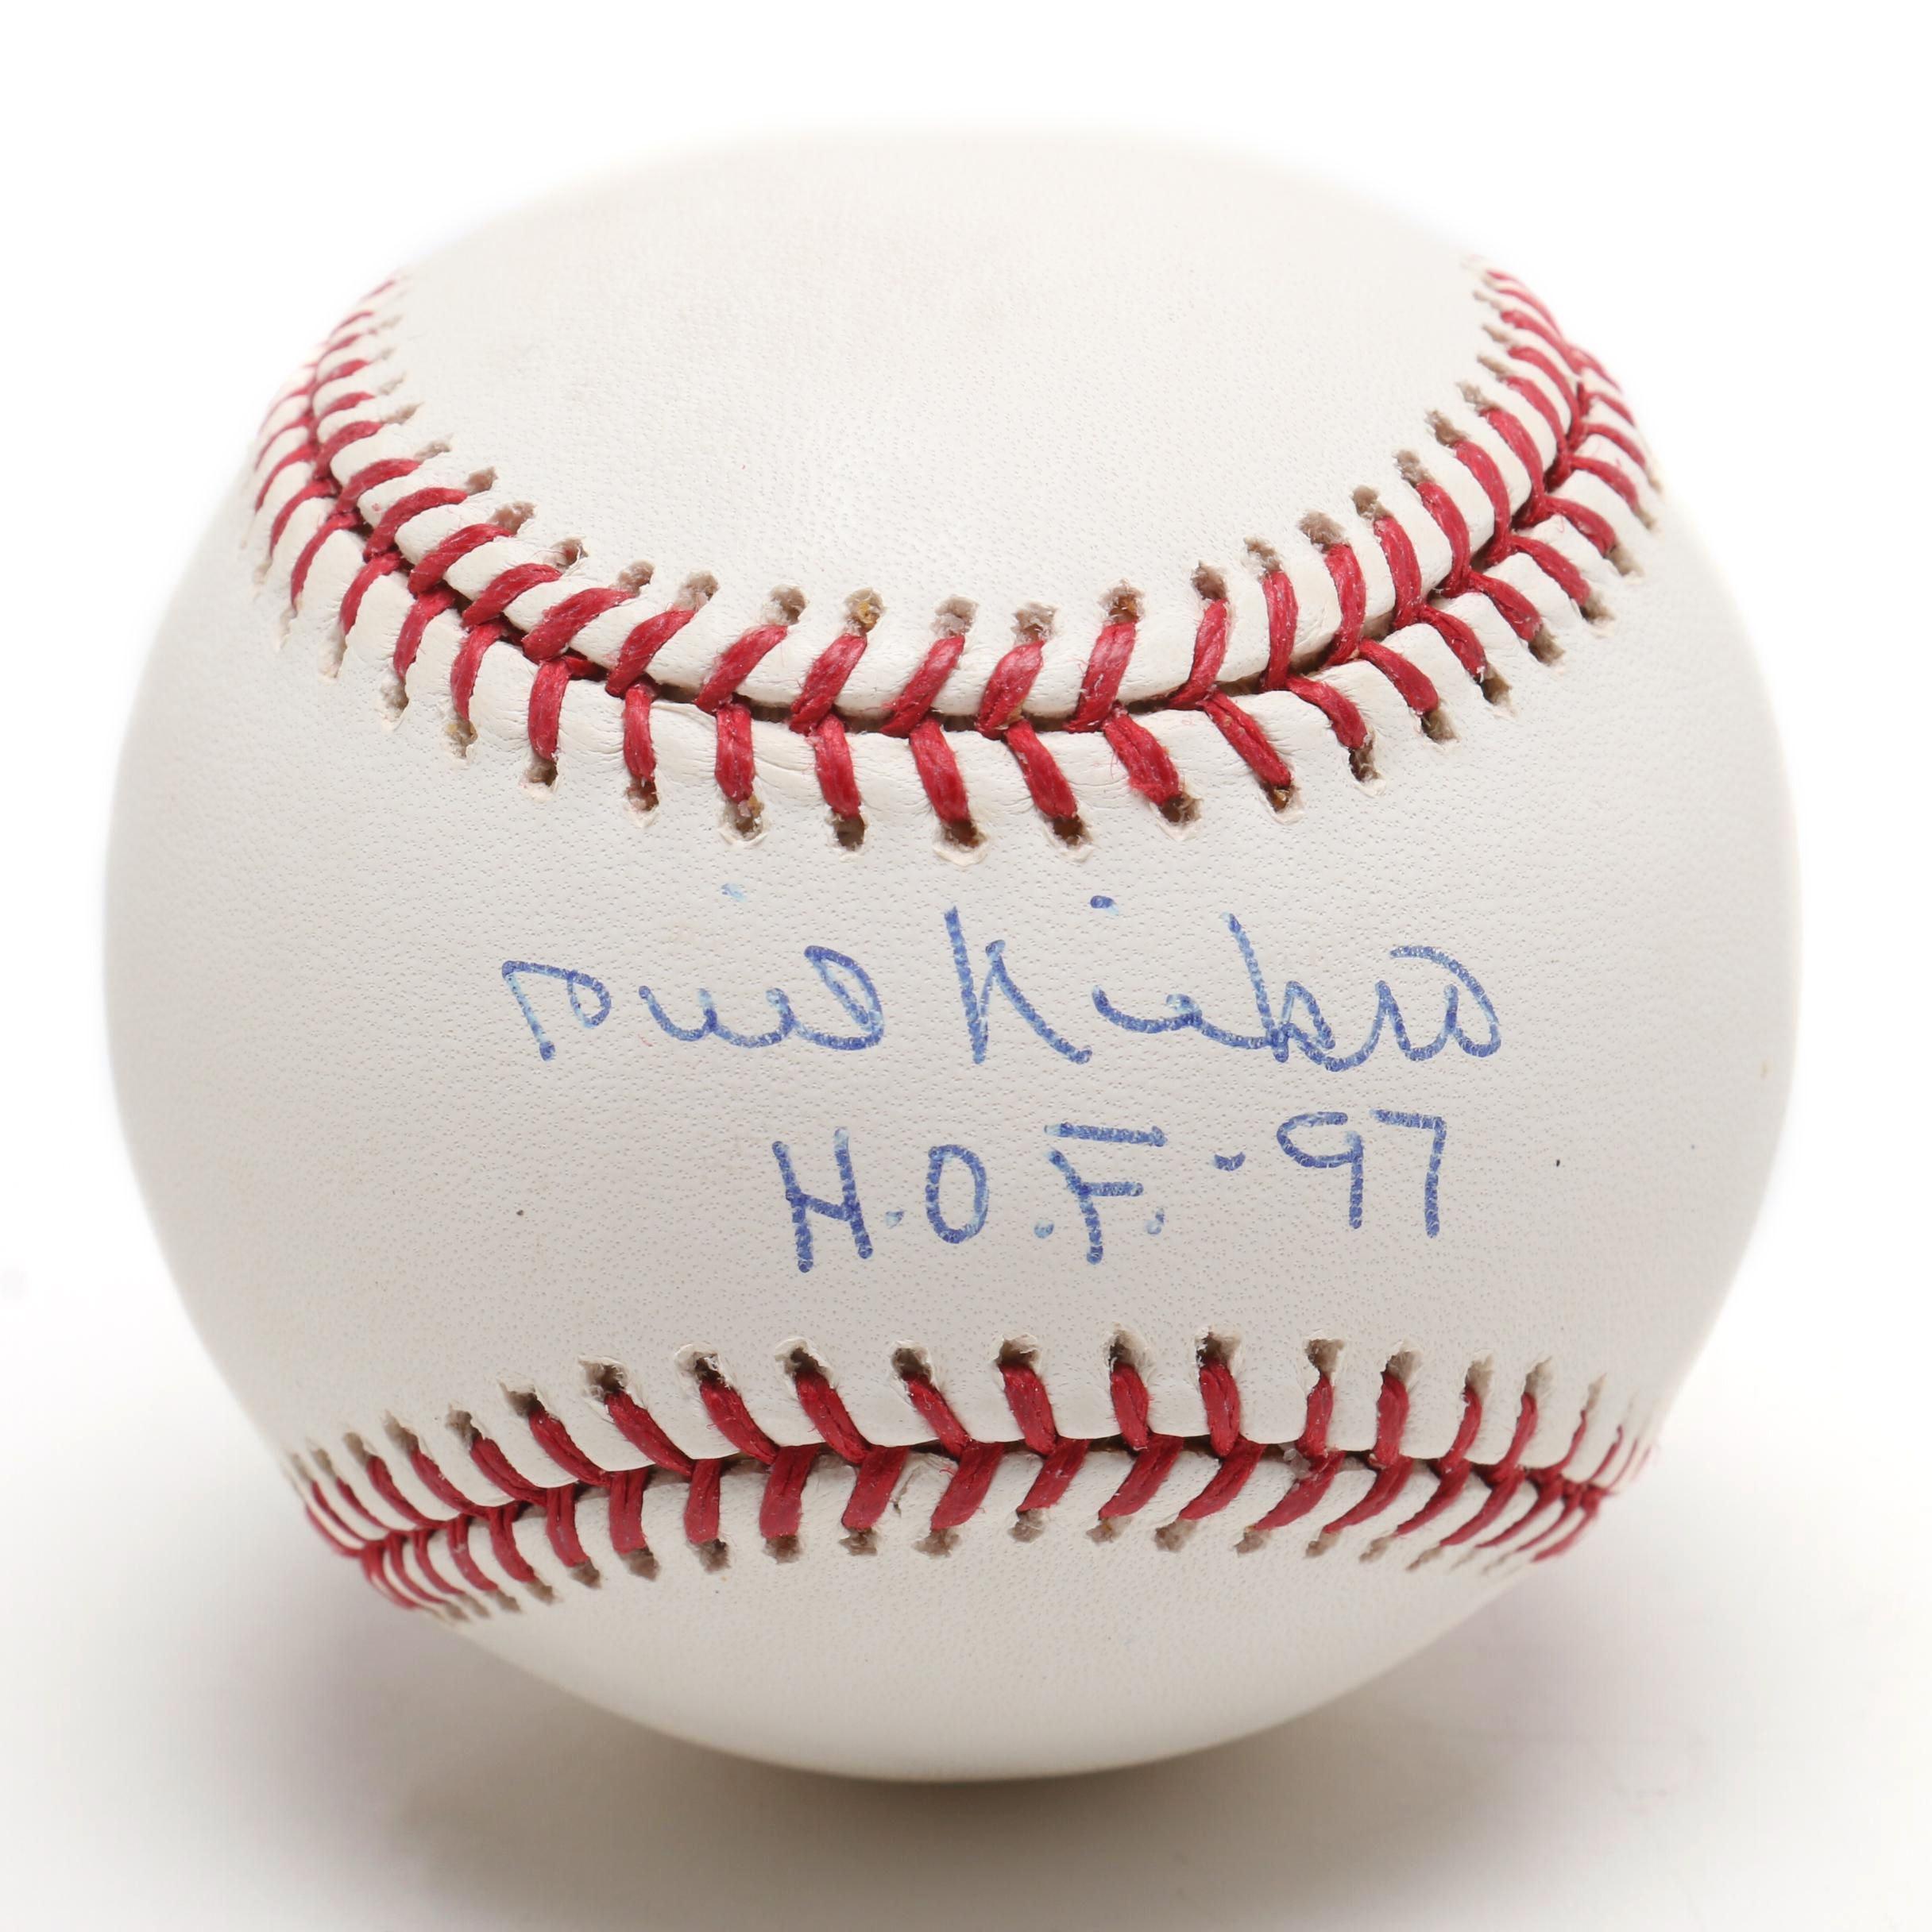 (HOF) Phil Niekro Signed Rawlings Major League Baseball